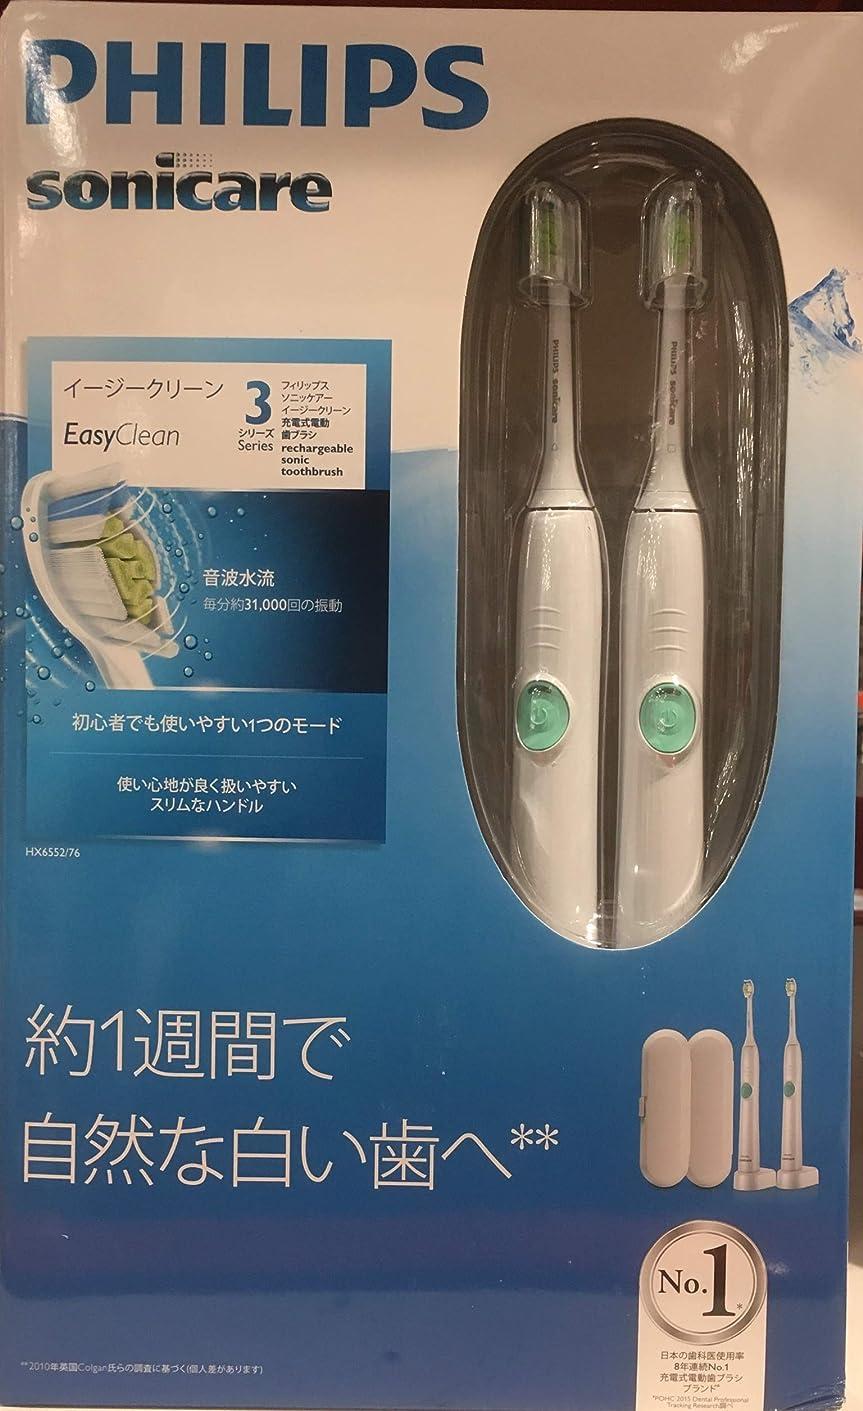 主流タック頭蓋骨PHILIPS sonicare Easy Clean フィリップス ソニッケアー イージークリーン 充電式 電動歯ブラシ Hx6552/76